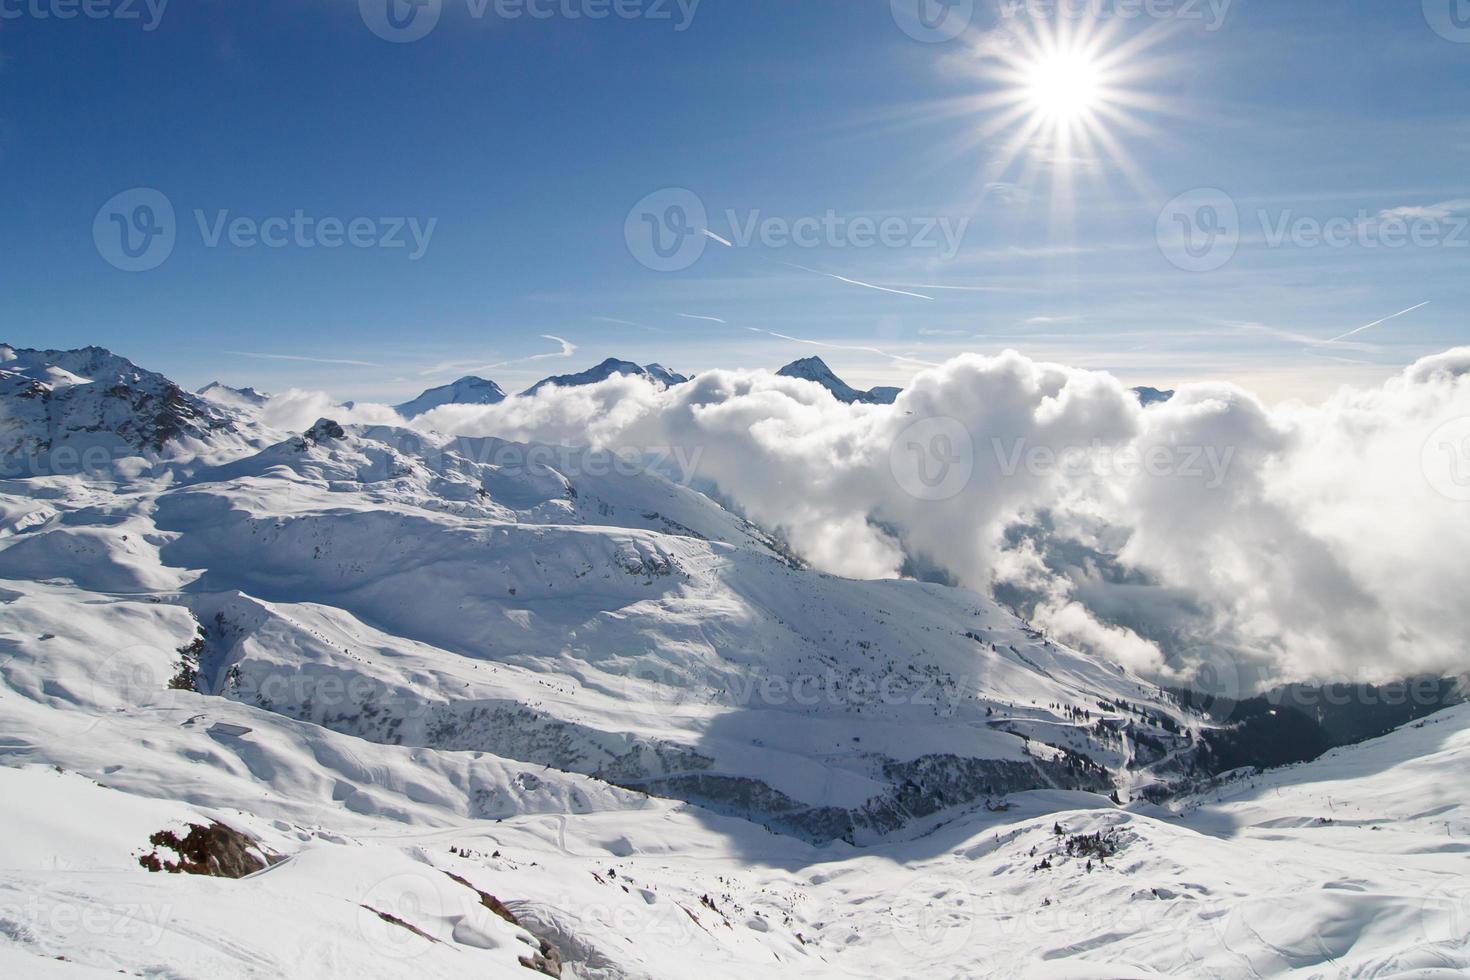 französisches alpen skigebiet la plagne foto